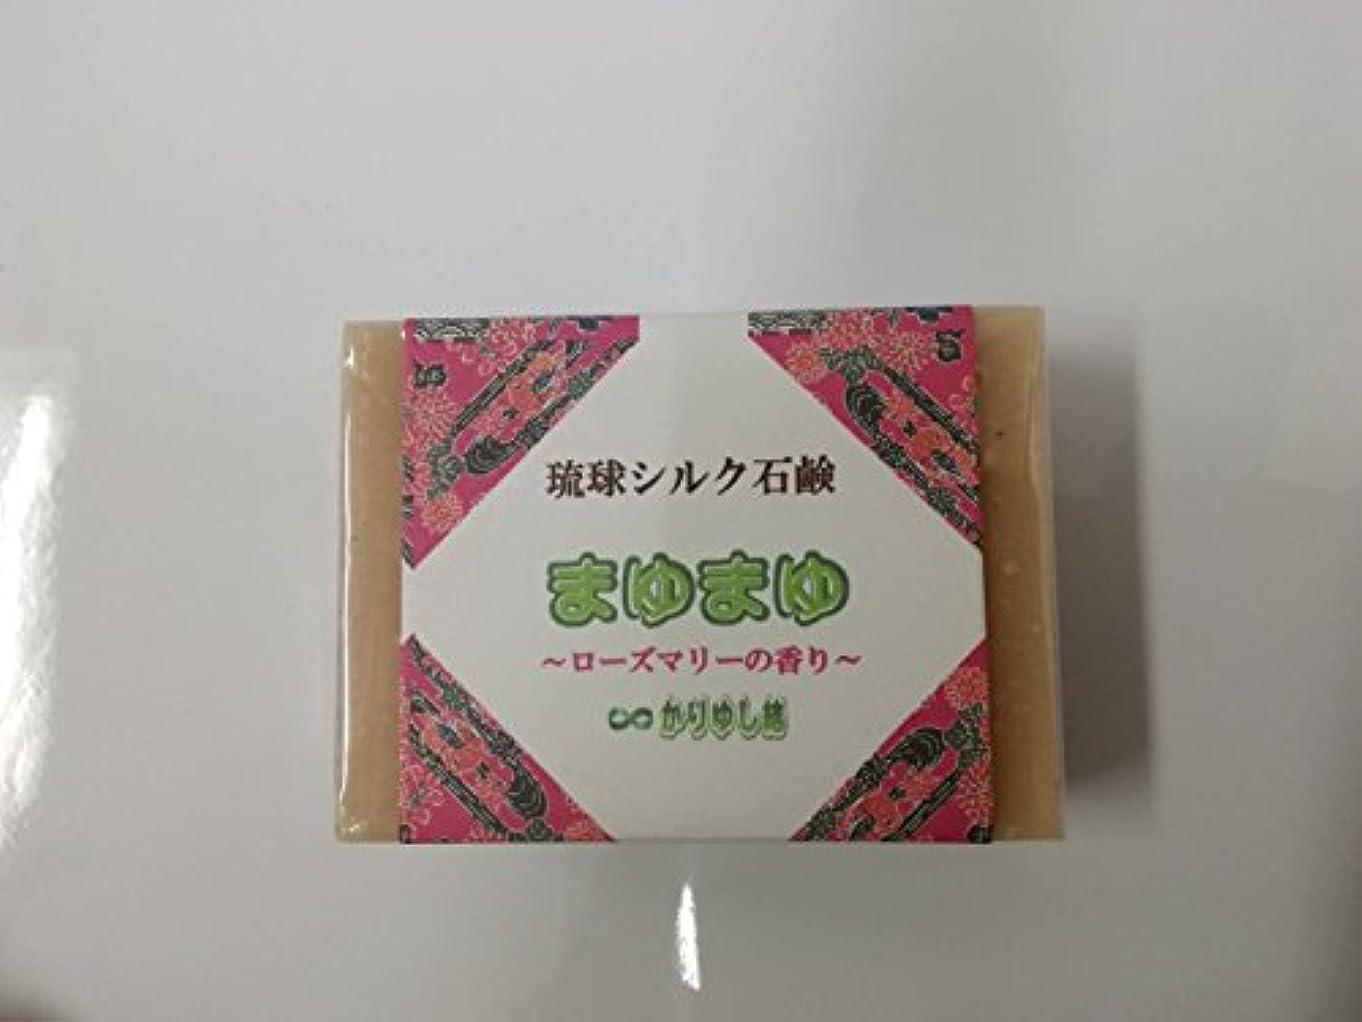 悪党翻訳者召喚する琉球シルク石鹸 まゆまゆ ピンクカオリン ローズマリーの香り